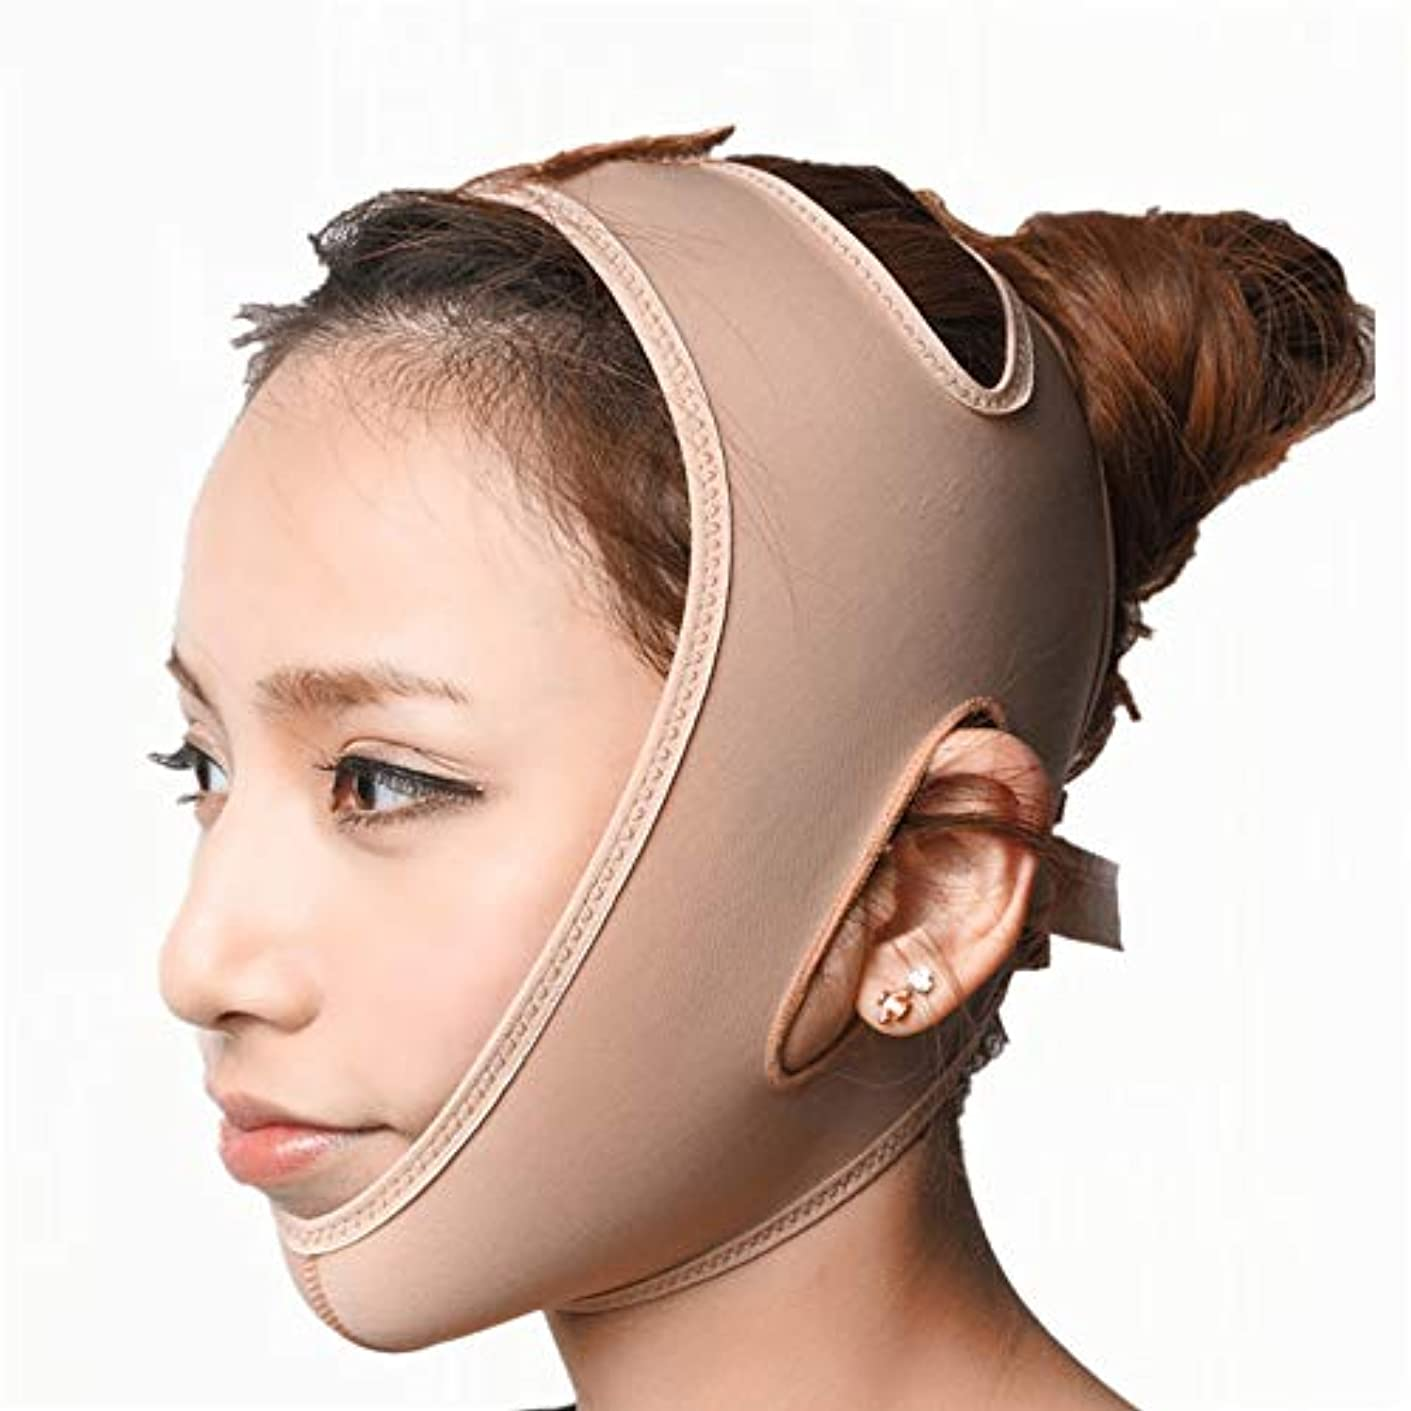 Jia Jia- 顔の持ち上がる痩身ベルト - アンチエイジングリンクルフェイスマスクベルトシンフェイス包帯整形マスクは顔と首を締めますフェイススリム 顔面包帯 (サイズ さいず : M)